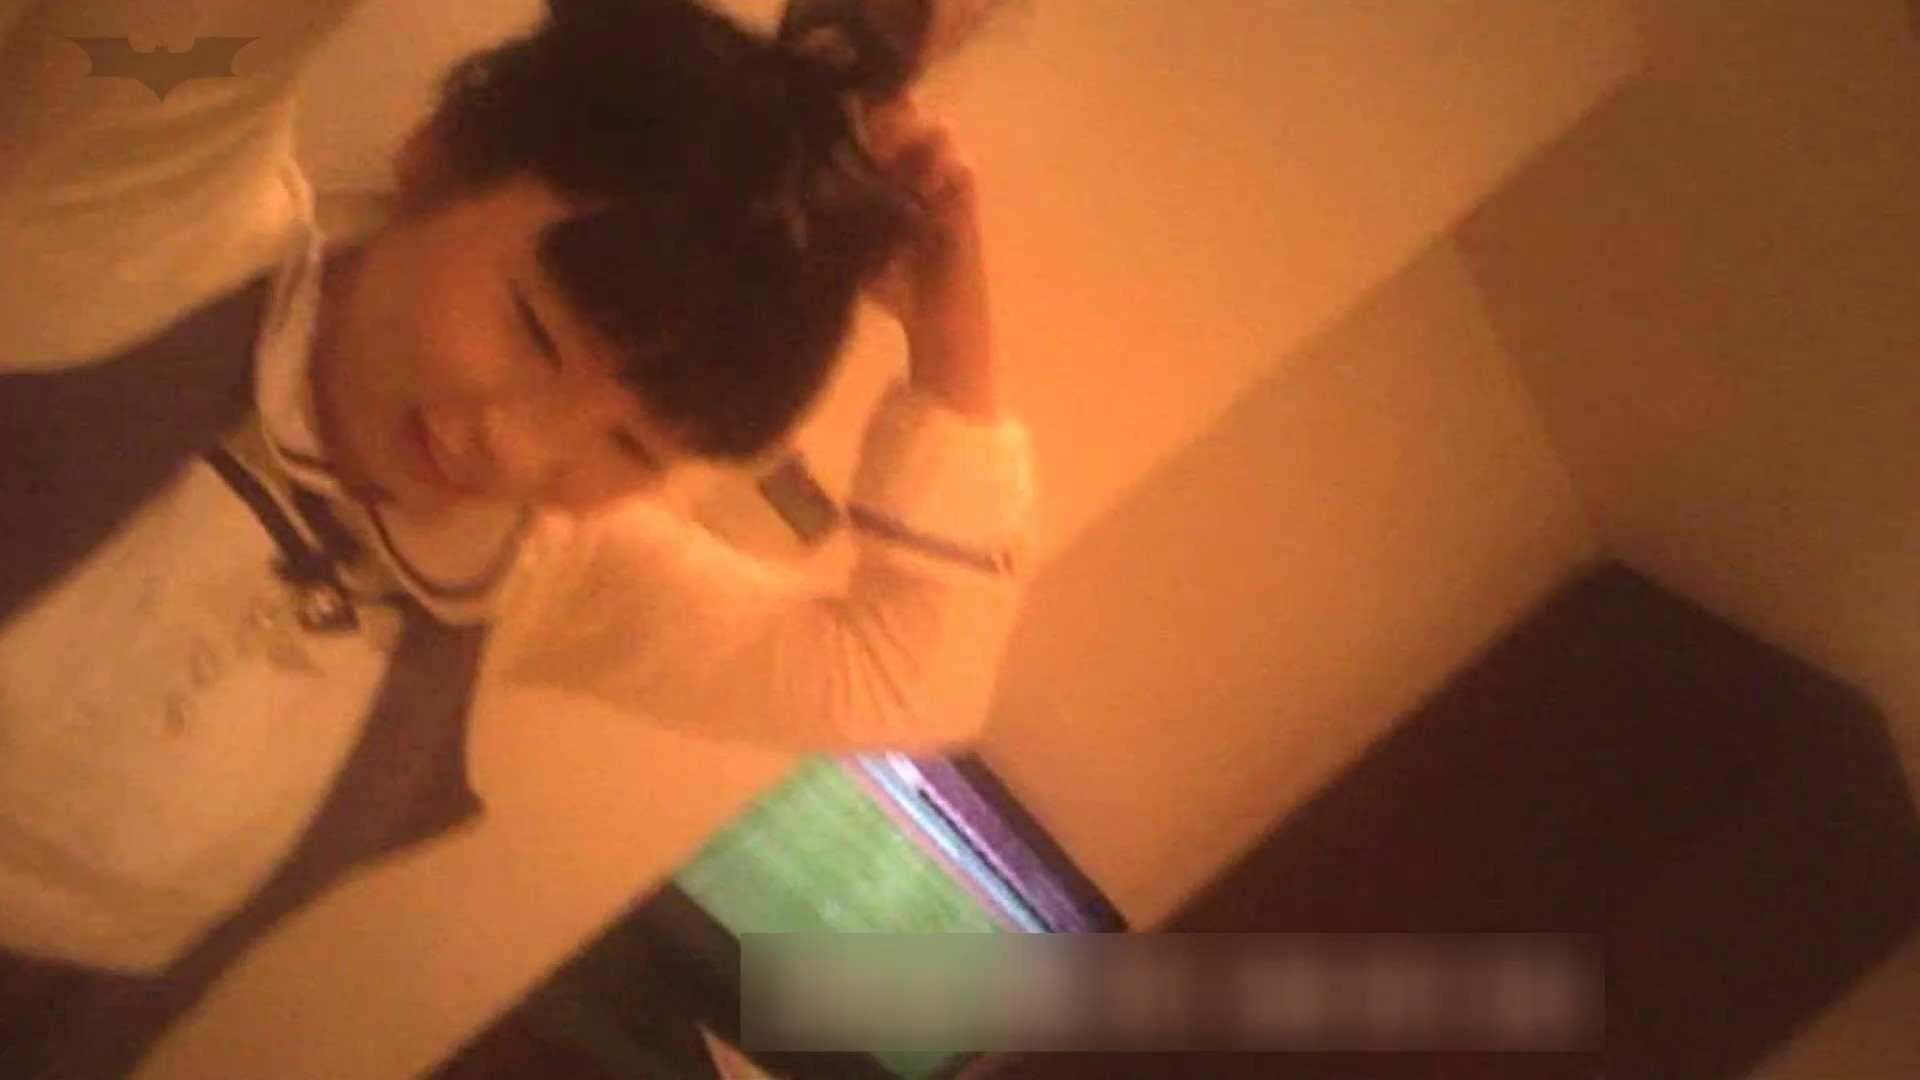 かわいいアニメ声で「イクっっ」 芸術大1年 か●ちゃん Vol.09 SEX編 セックス  81画像 20